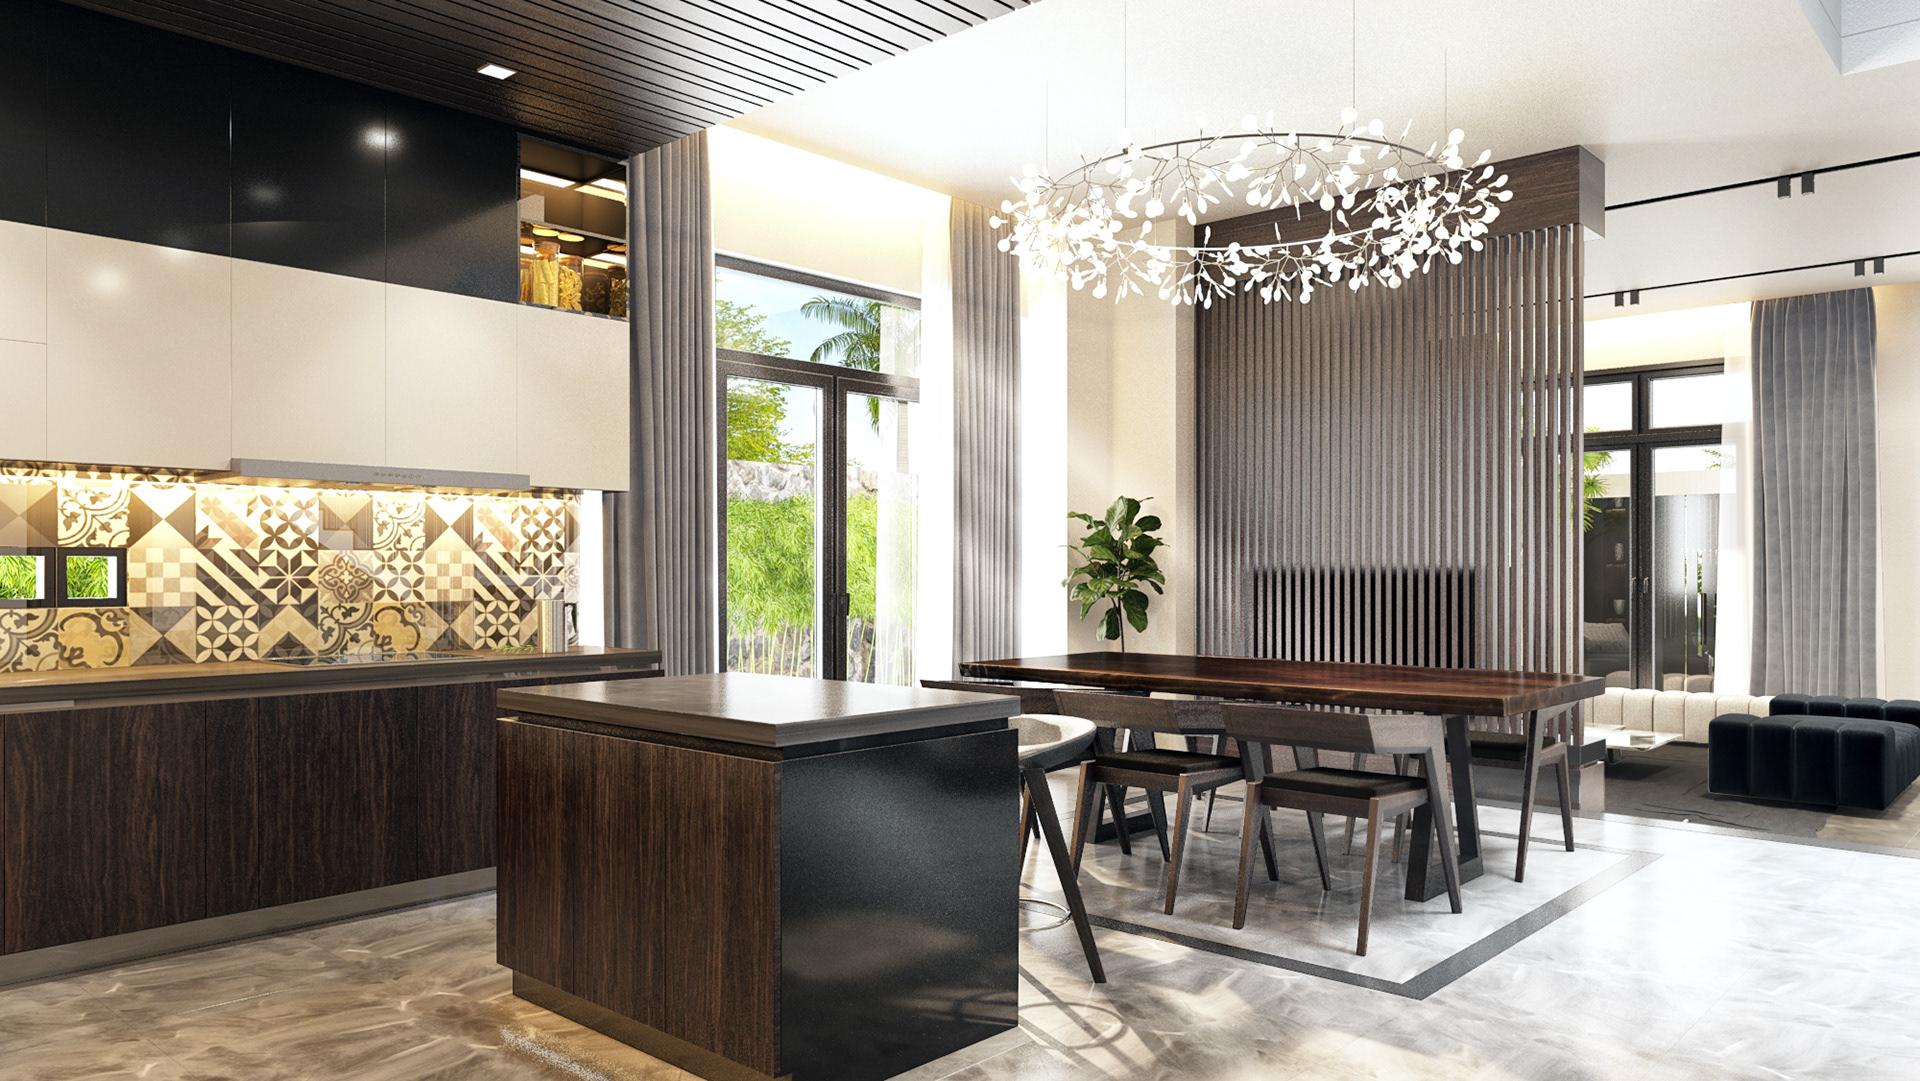 thiết kế nội thất Biệt Thự tại Đà Nẵng TH_VILLA HIỆN ĐẠI 5 1536308771